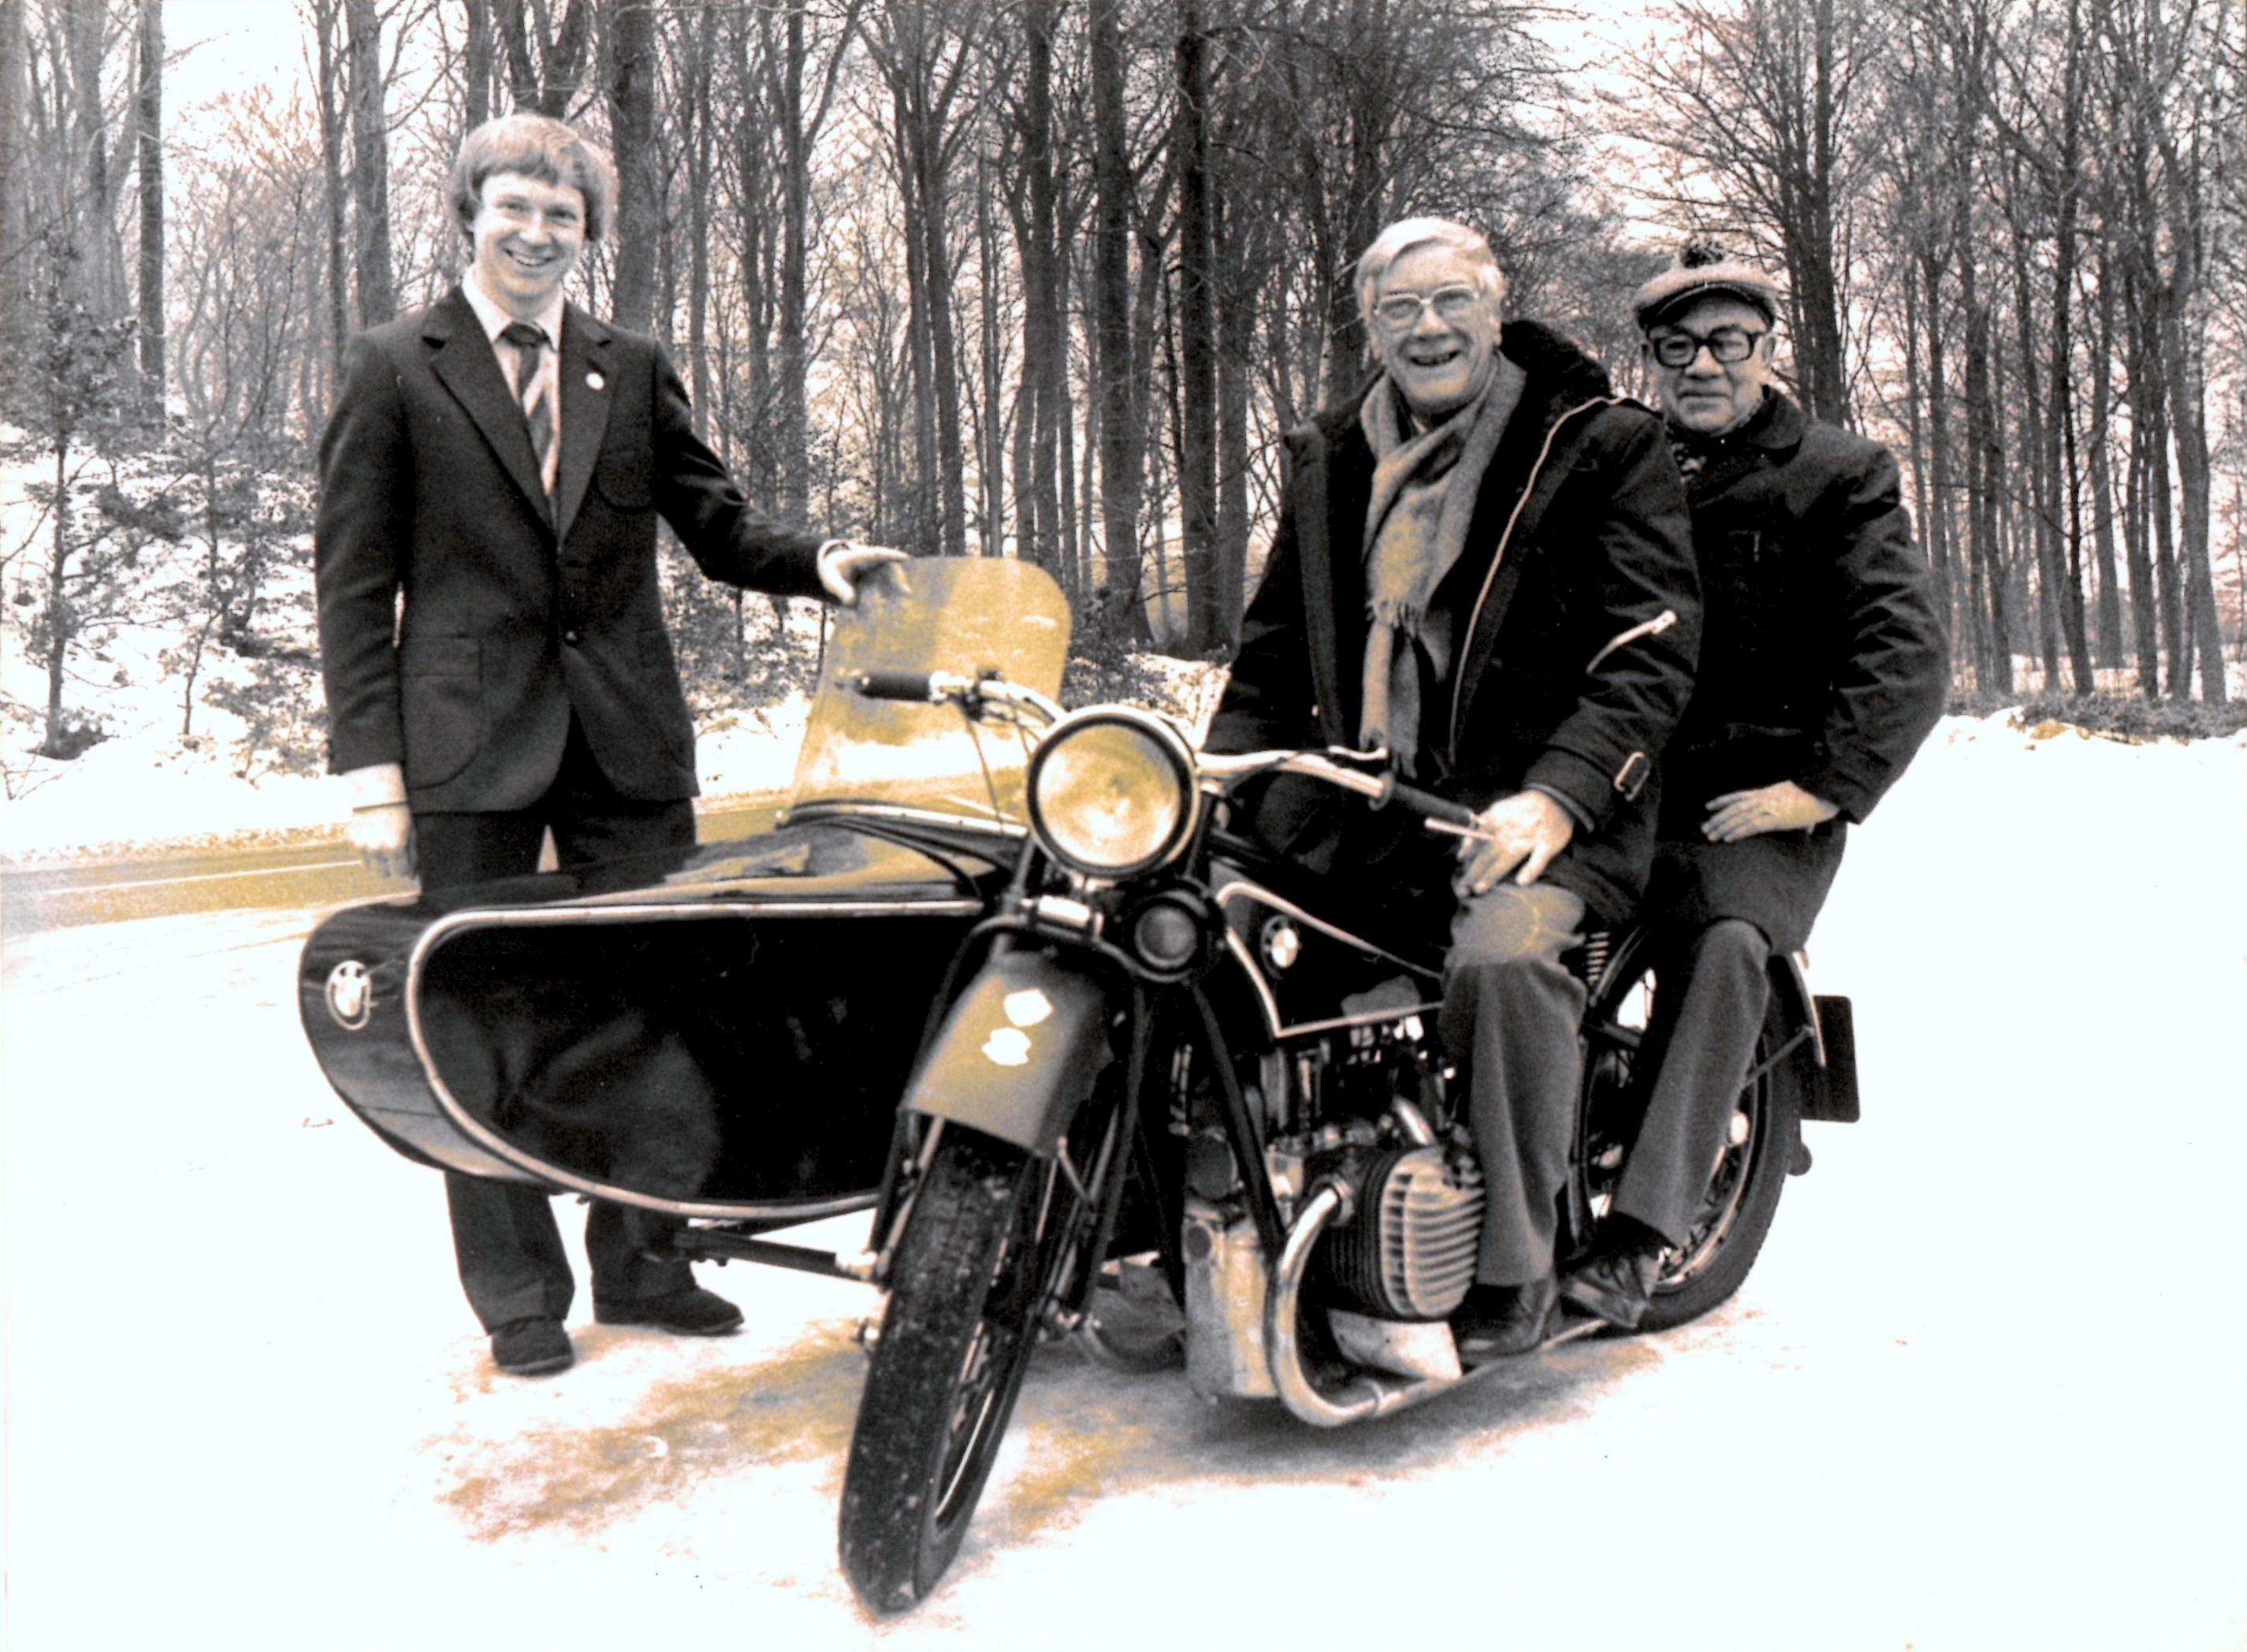 Far og Ras ankom som de eneste på motorcykel til AMK´s 50 års Jubilæumsreception på Varna i 1980. Stiften bragte dette billede, hvor jeg hilser på ved ankomsten.